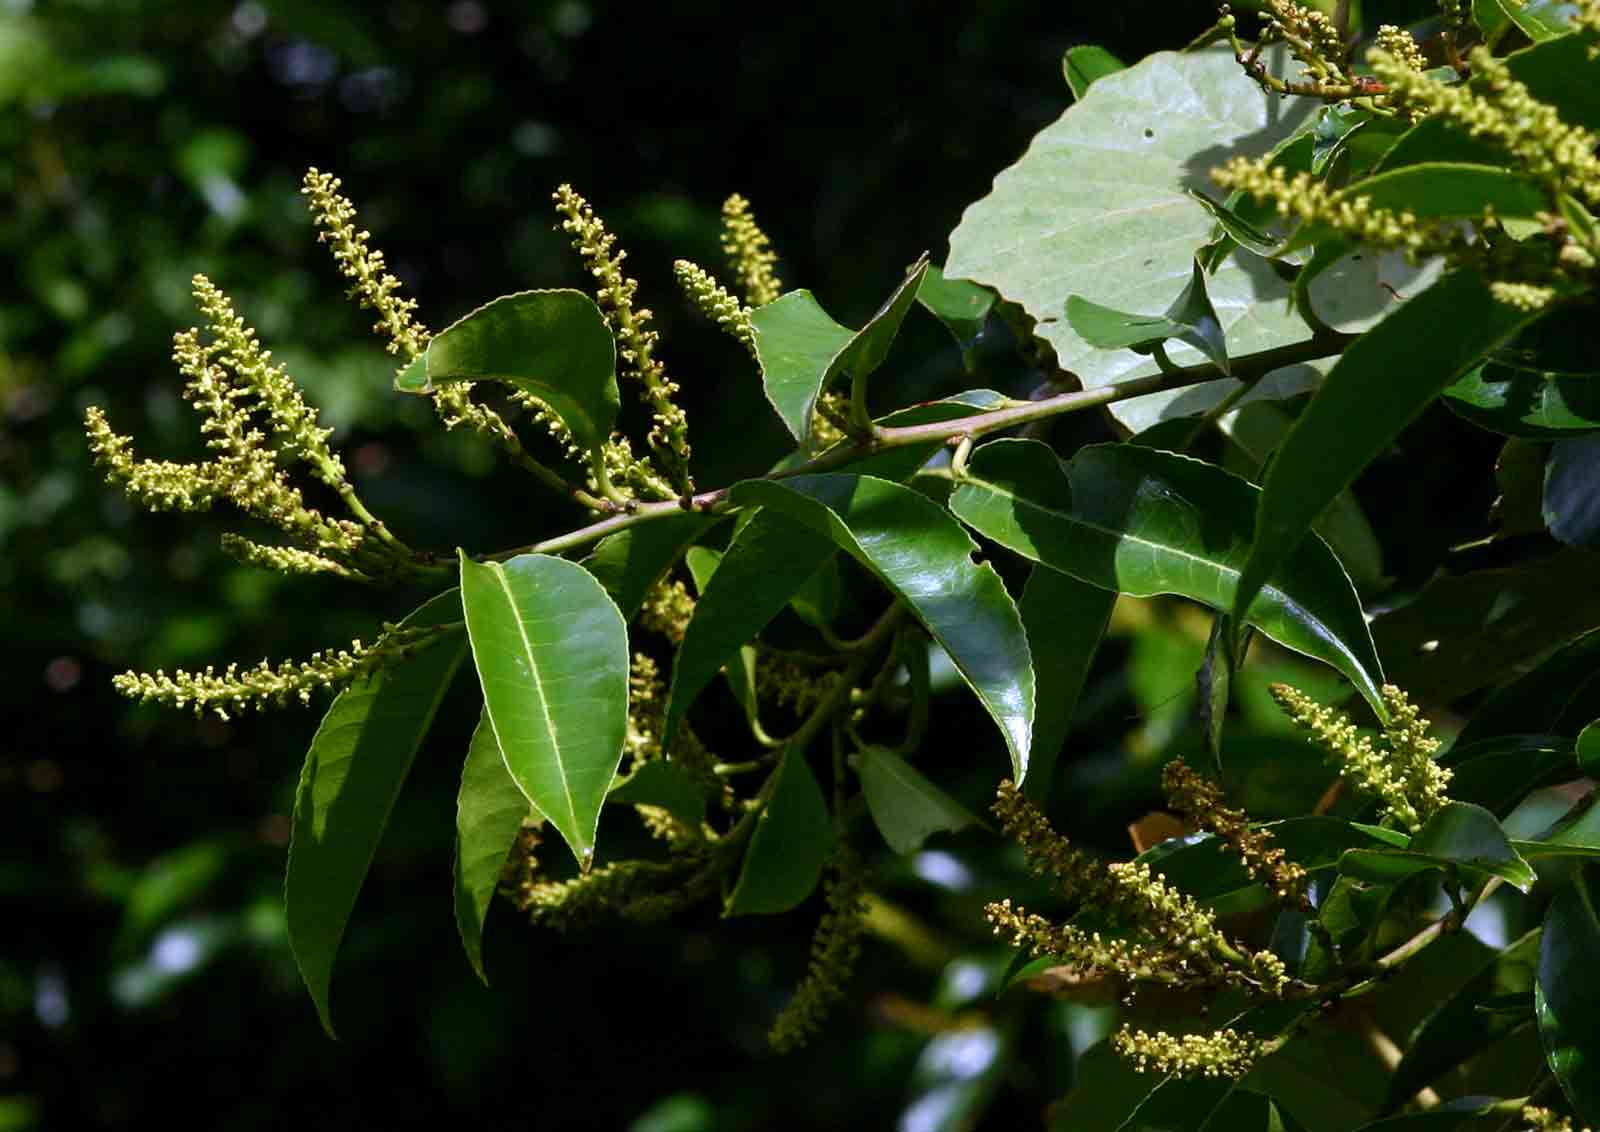 Shirakiopsis elliptica